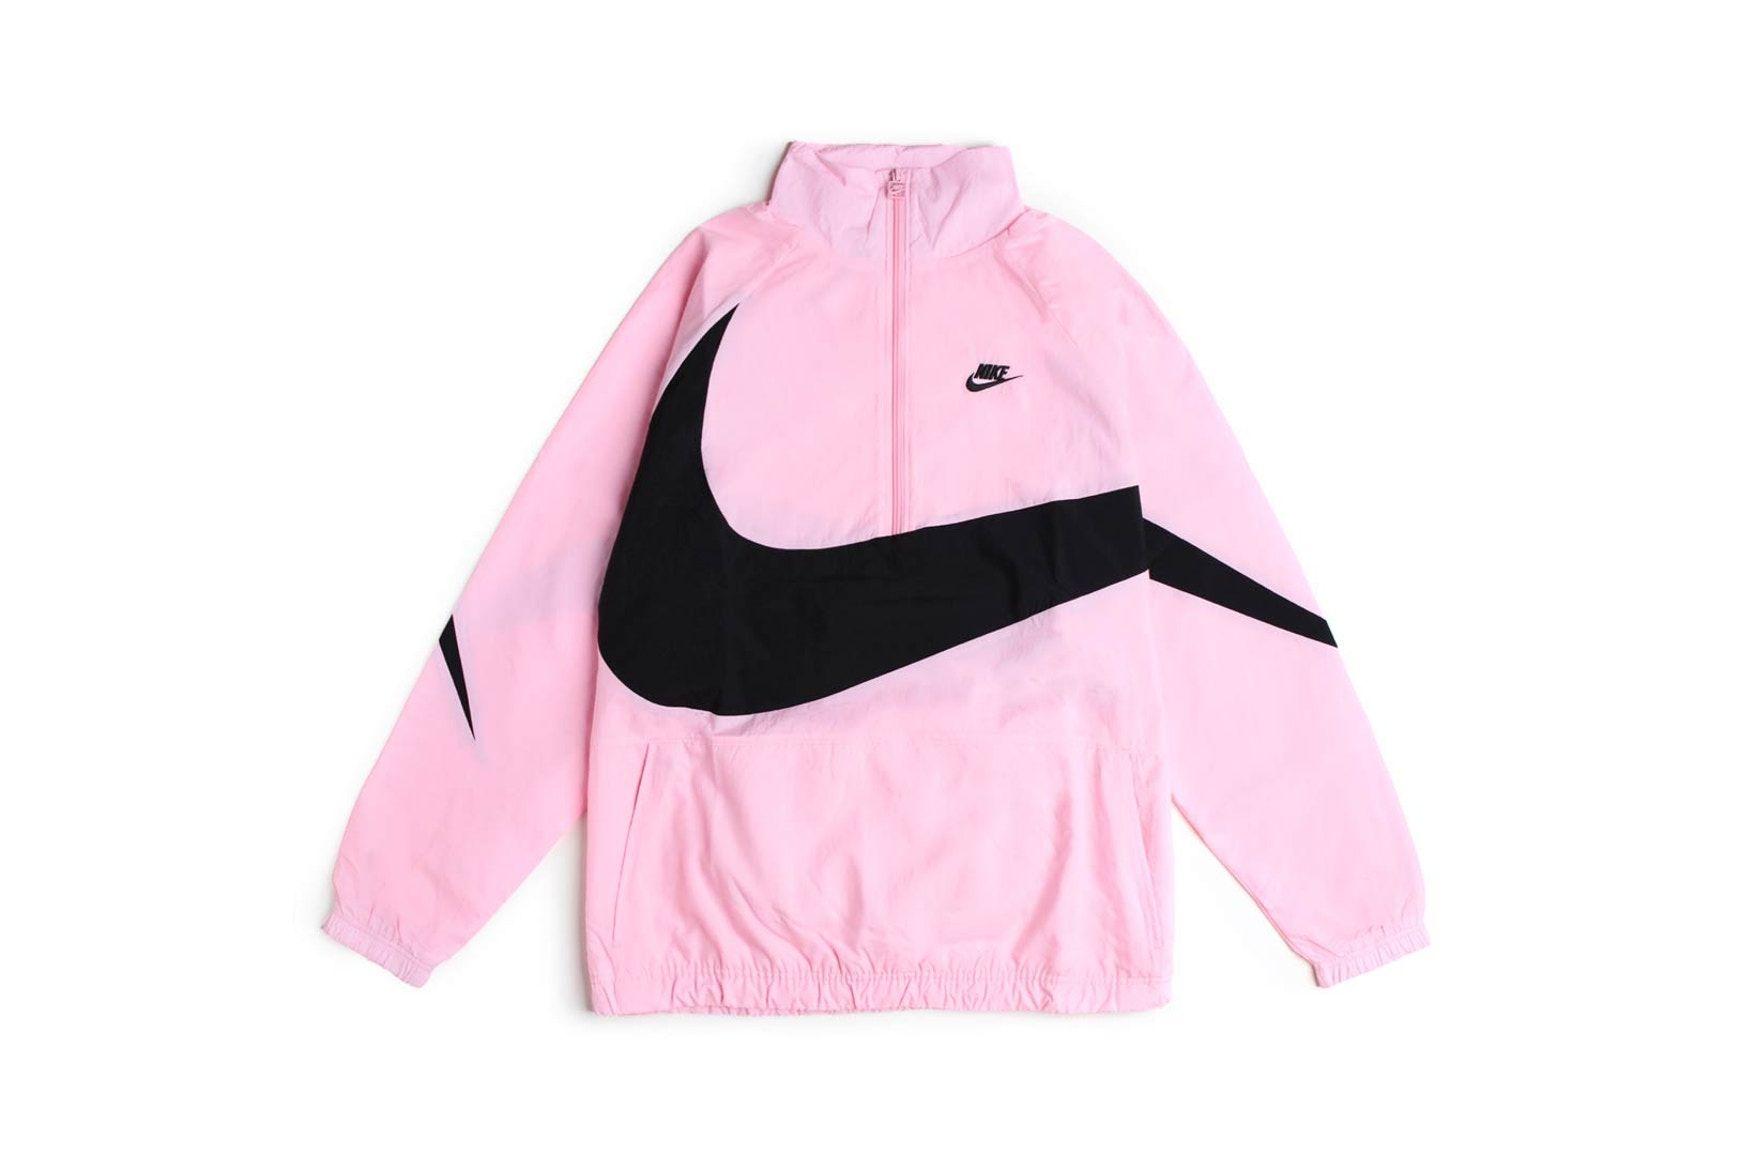 Nike S Swoosh Jacket Set Is A Pink Dream Streetwear Outfit Nike Sportswear Jackets